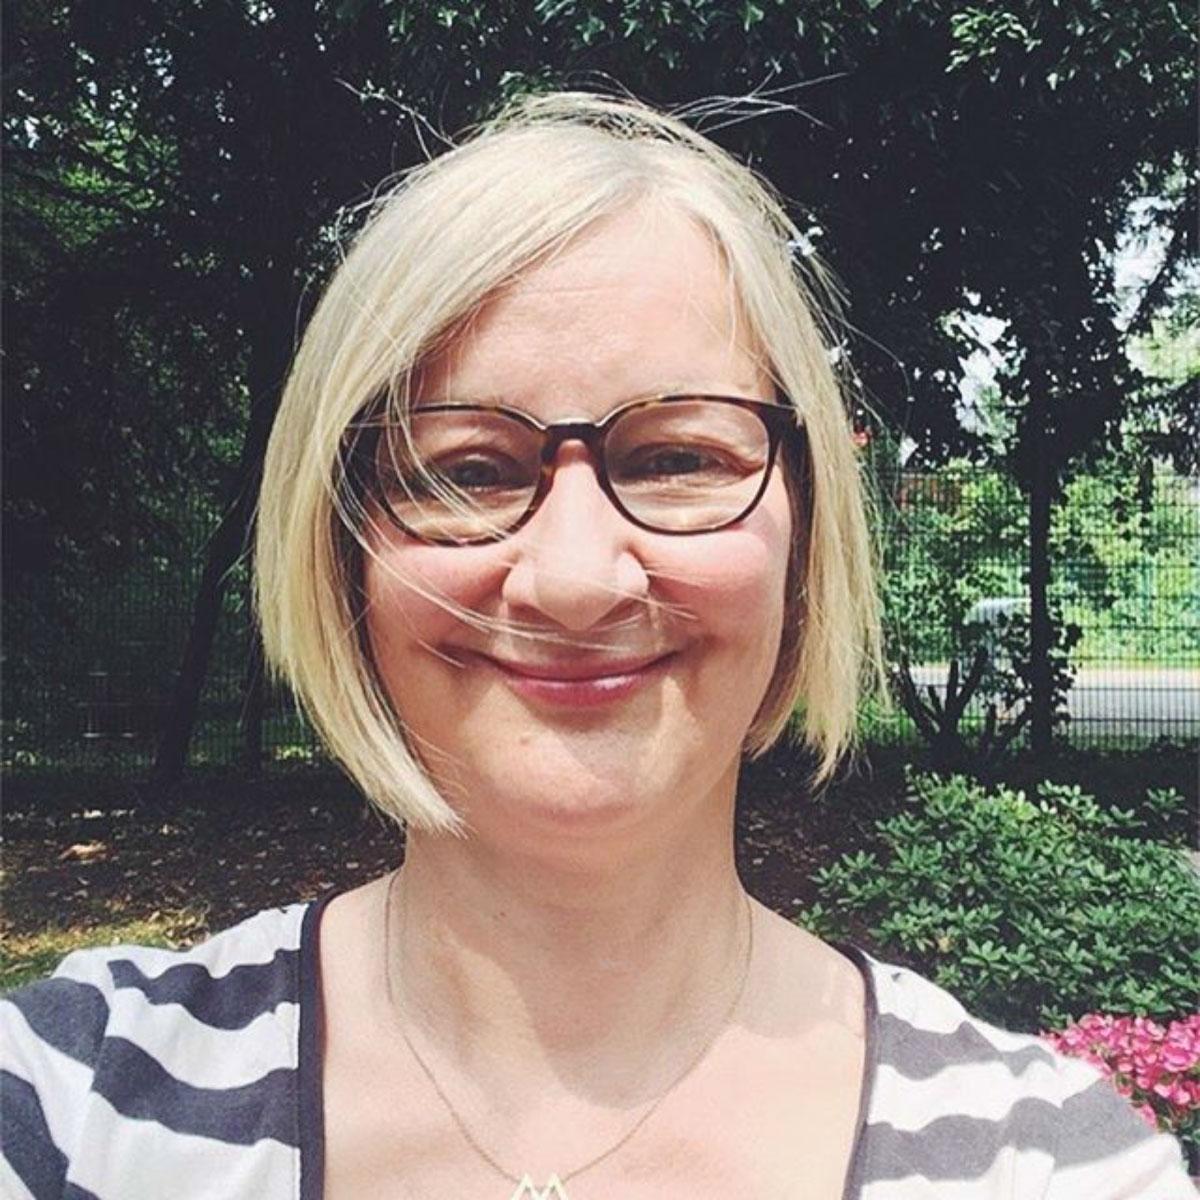 Anke Hedfeld, eine Frau mit blonden Haarten einer Brille und einem Bob